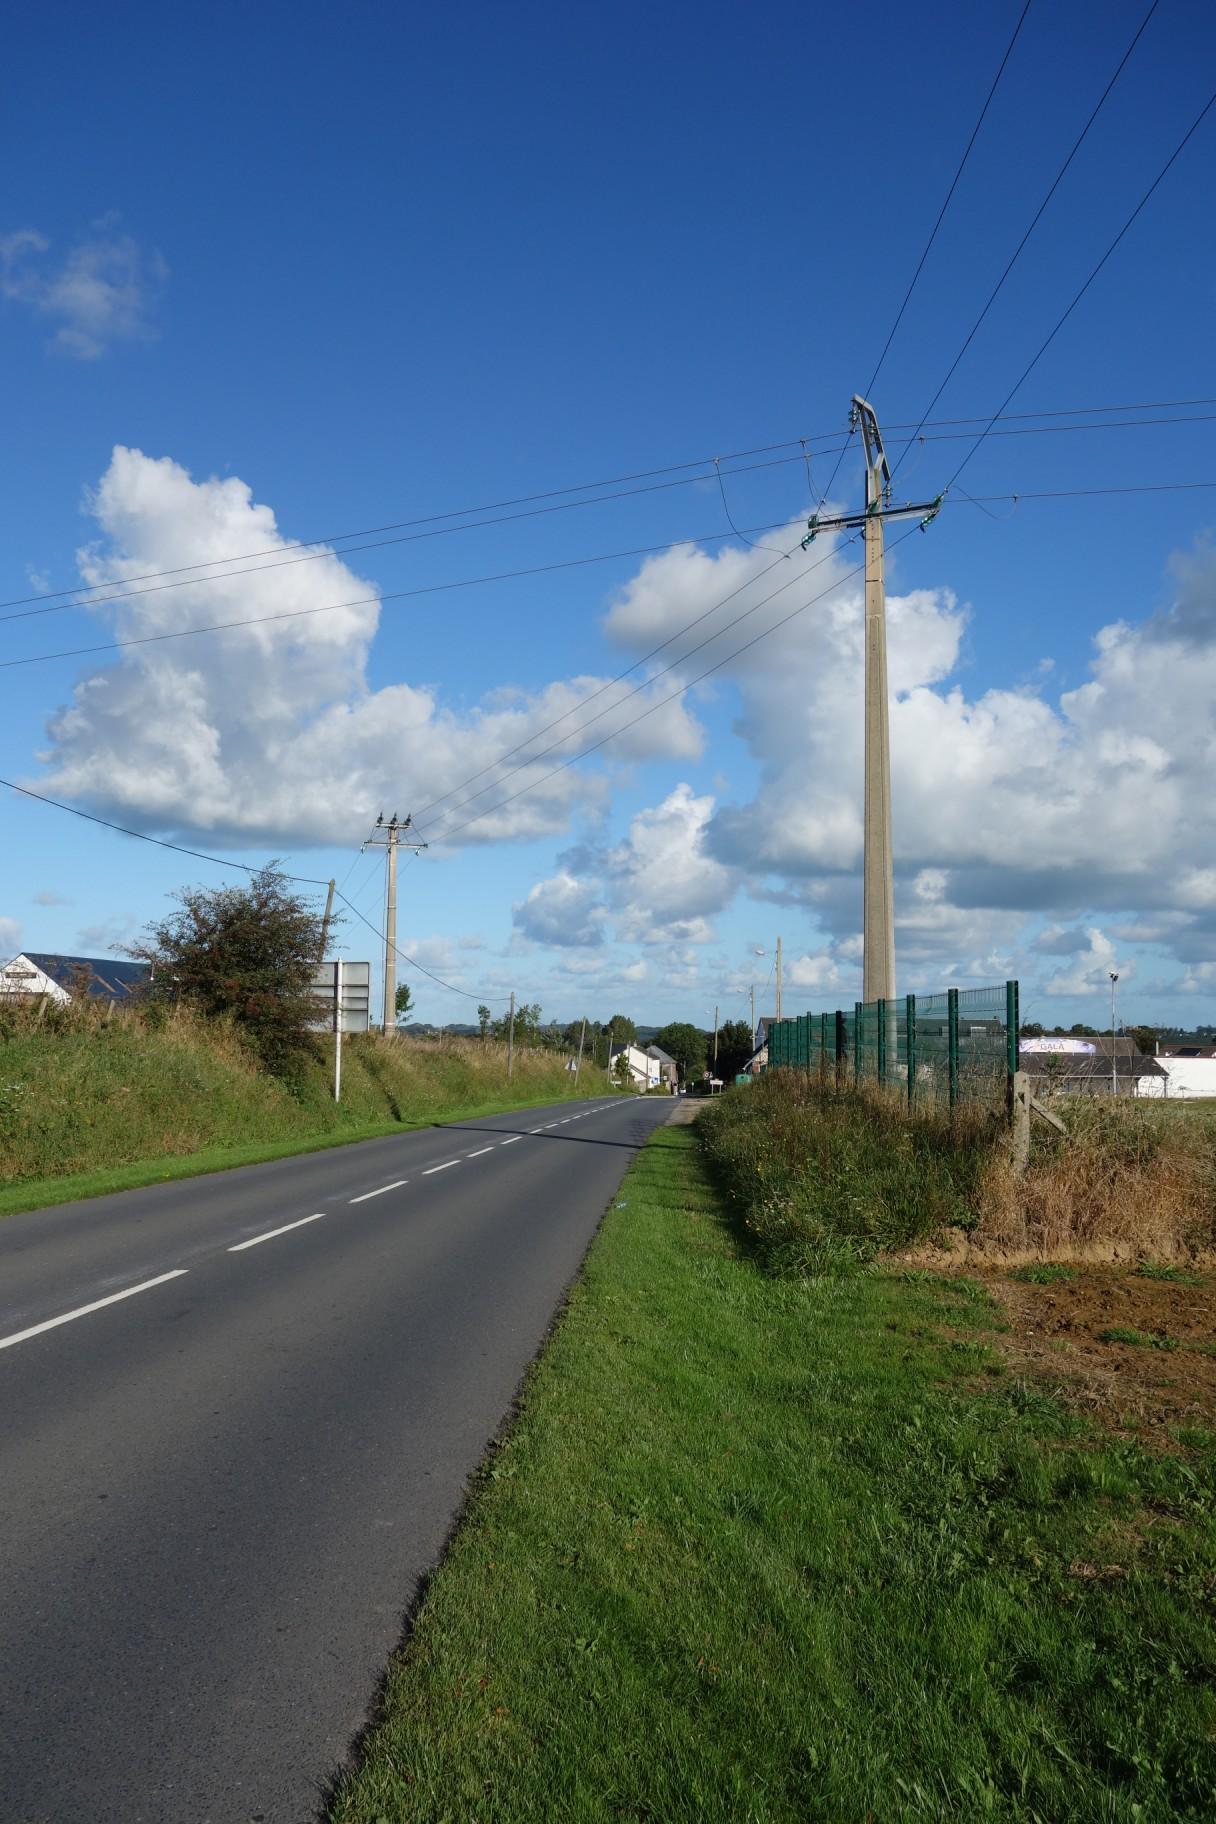 Normandy back roads